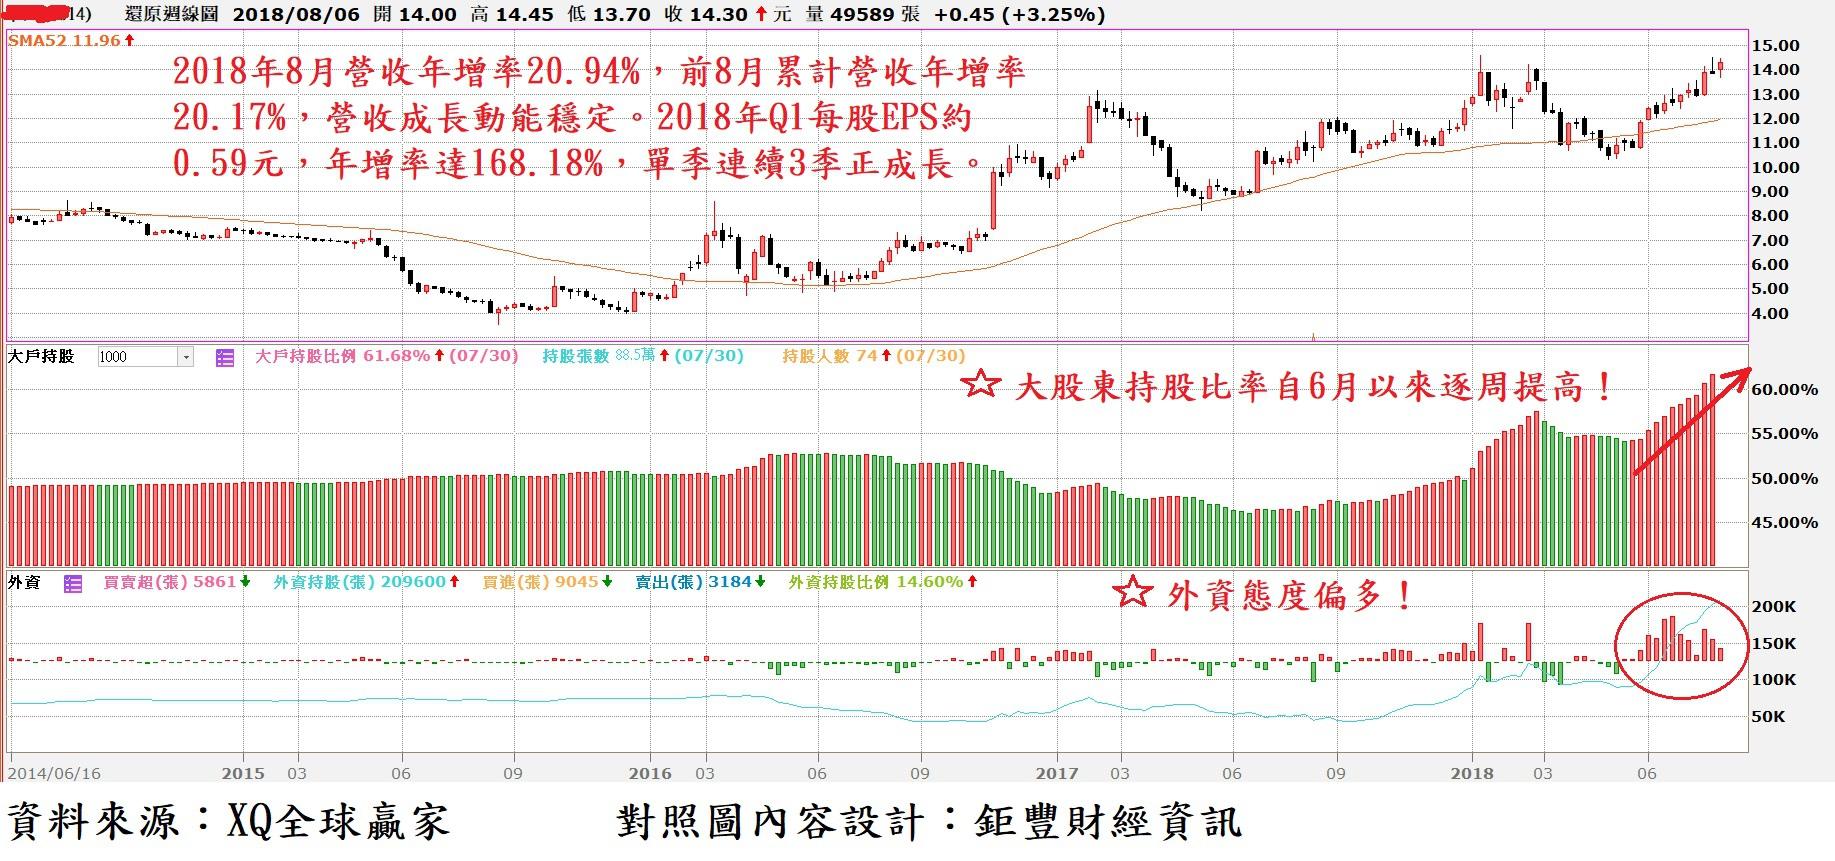 中鴻(2014)周K線與大股東持股比率及外資買賣超對照圖